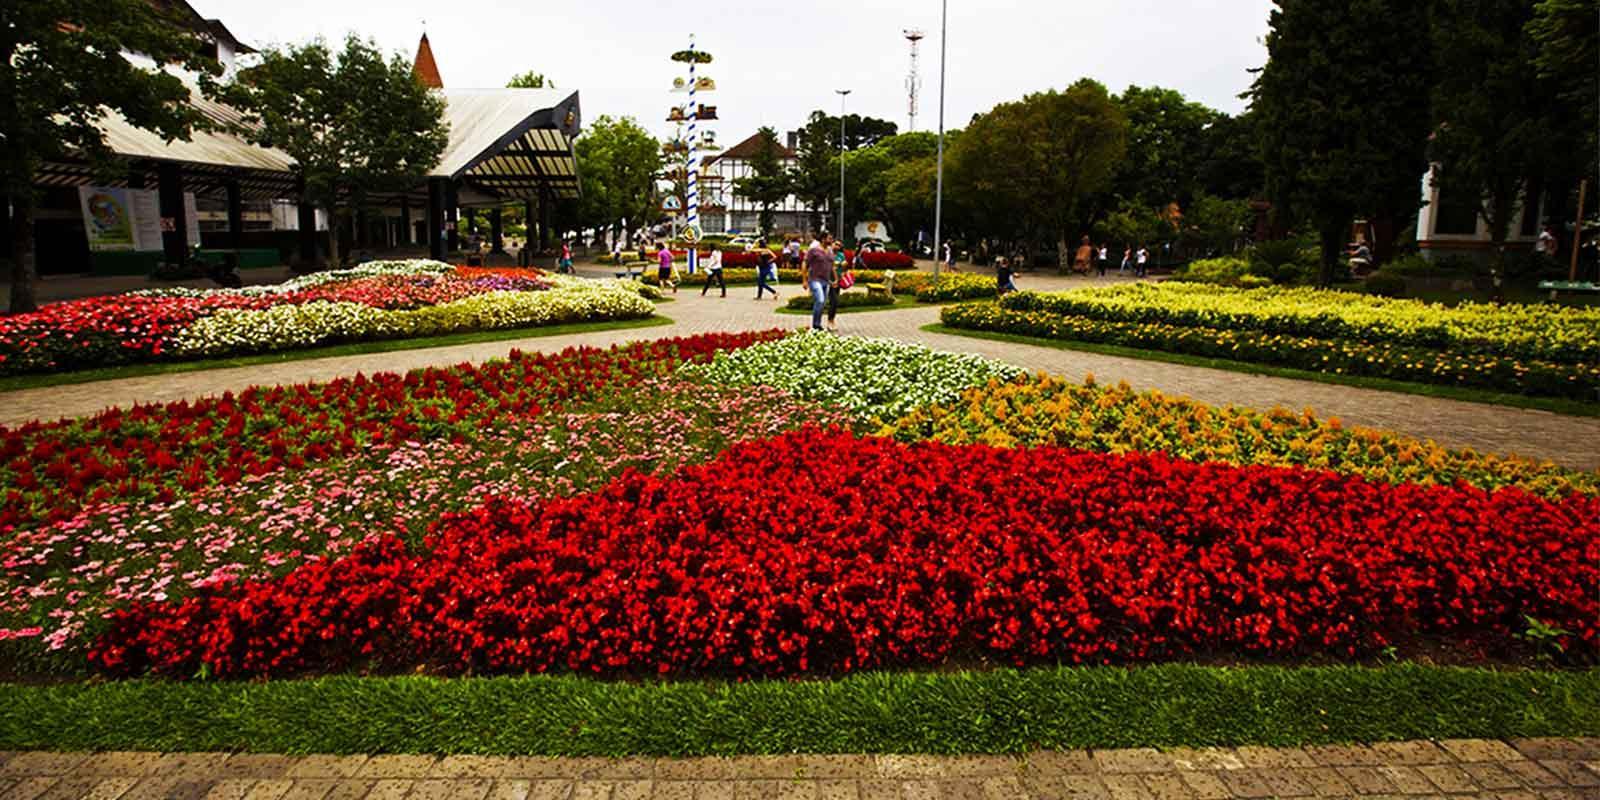 20170731142849-flores.jpg